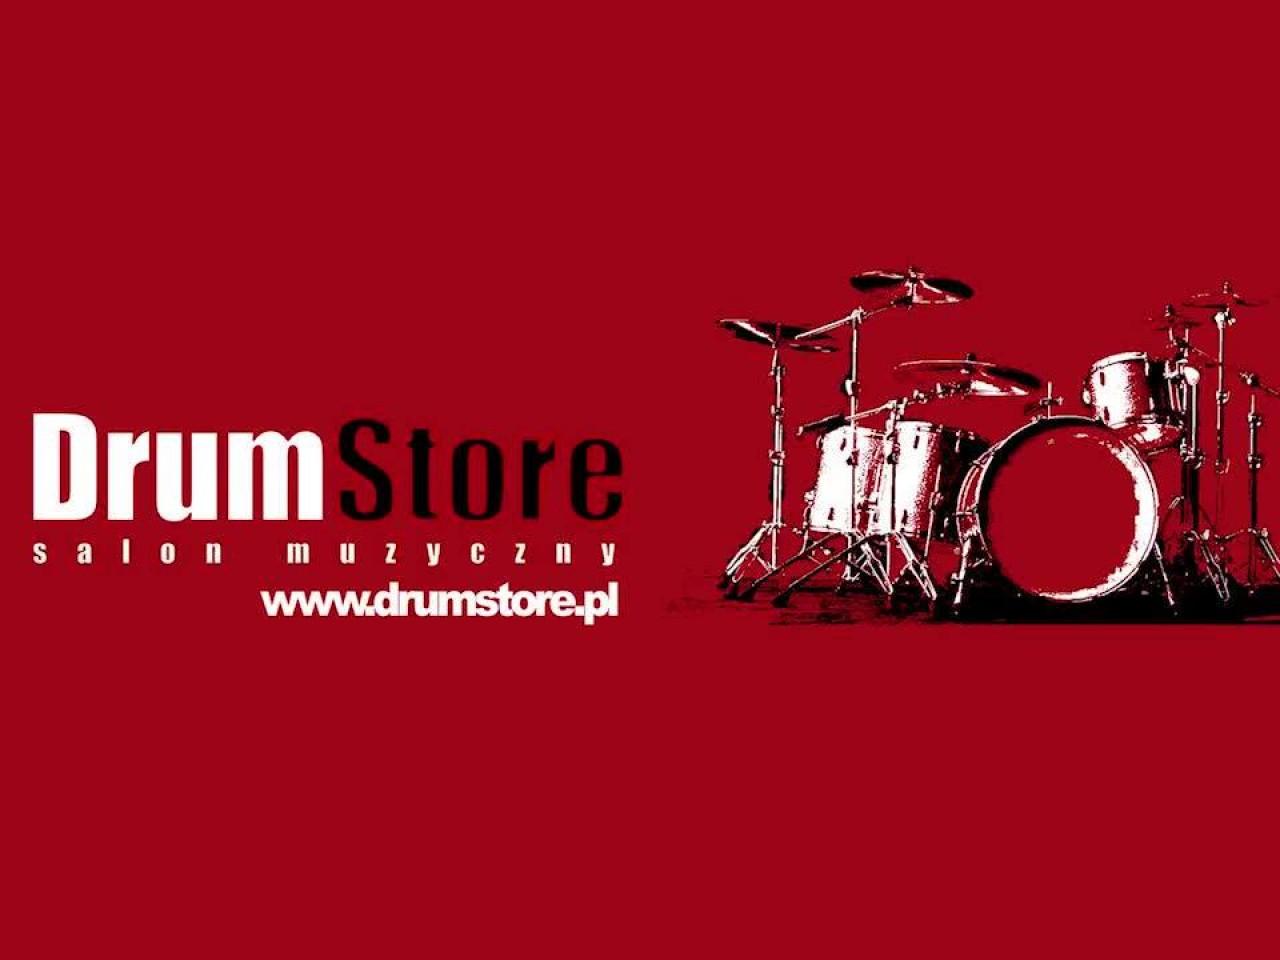 Obejrzyj-DrumStore-Gdynia-Odwiedź-Nas.xxohbe7a2043541611db3111b980310cfefboe5D8013C8.jpeg